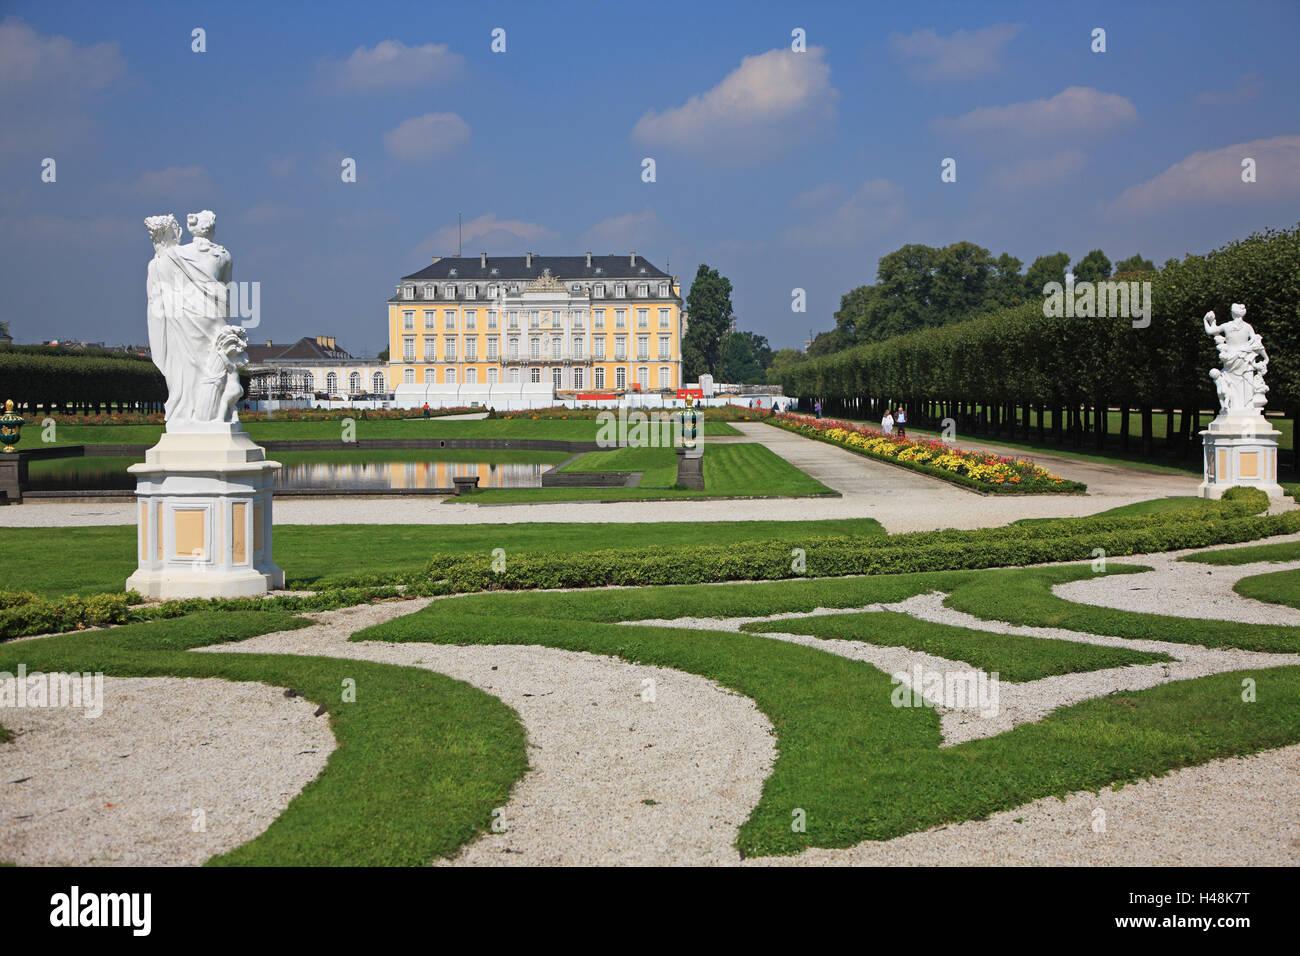 Deutschland, Nordrhein-Westfalen, Brühl, Augustusburg (Burg), UNESCO-Welterbe, Stockfoto